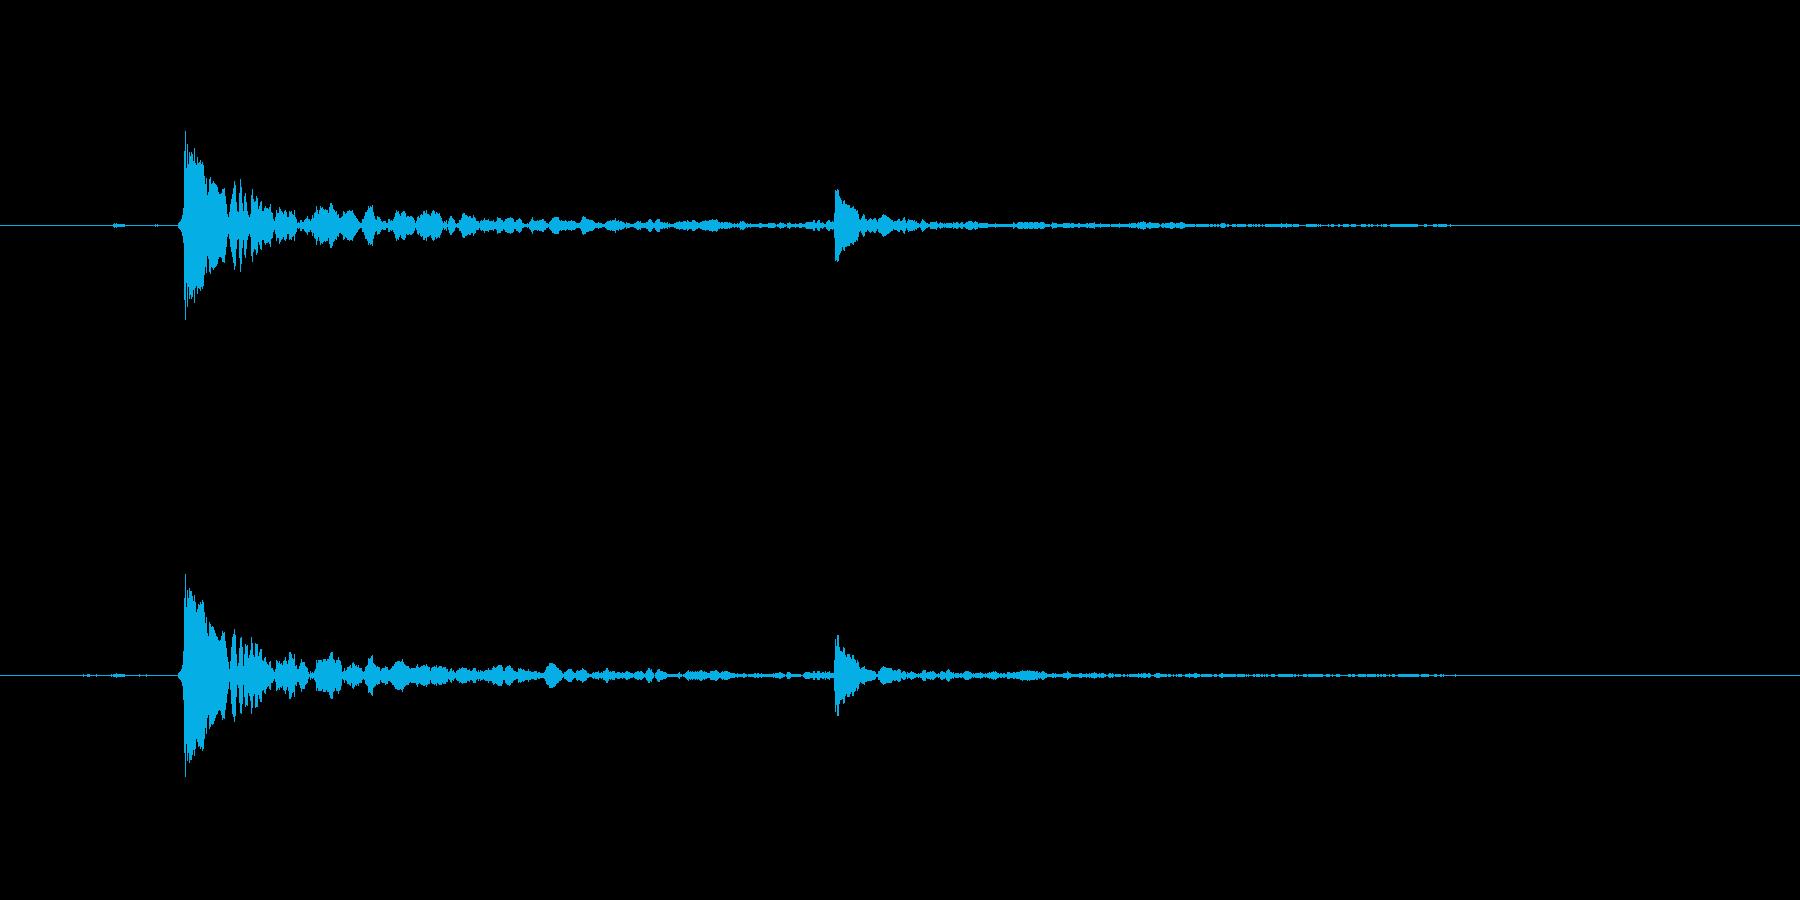 水滴-単一の水滴が水面に当たるの再生済みの波形